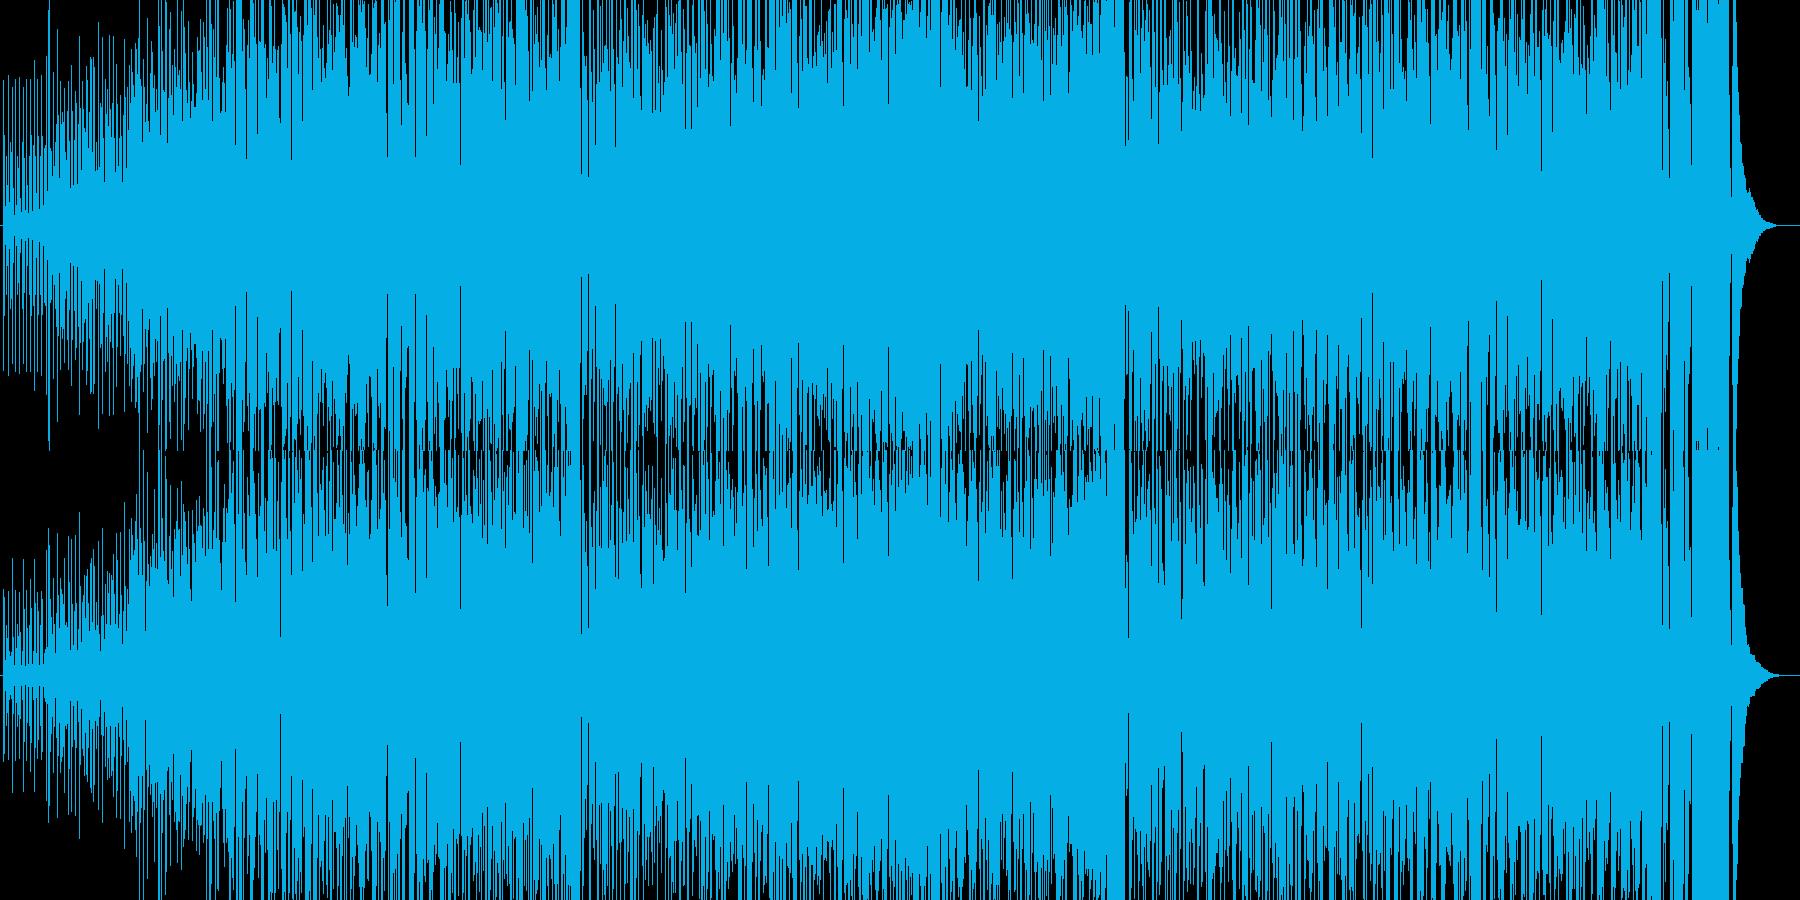 トロピカル風の軽快なインスト曲ですの再生済みの波形